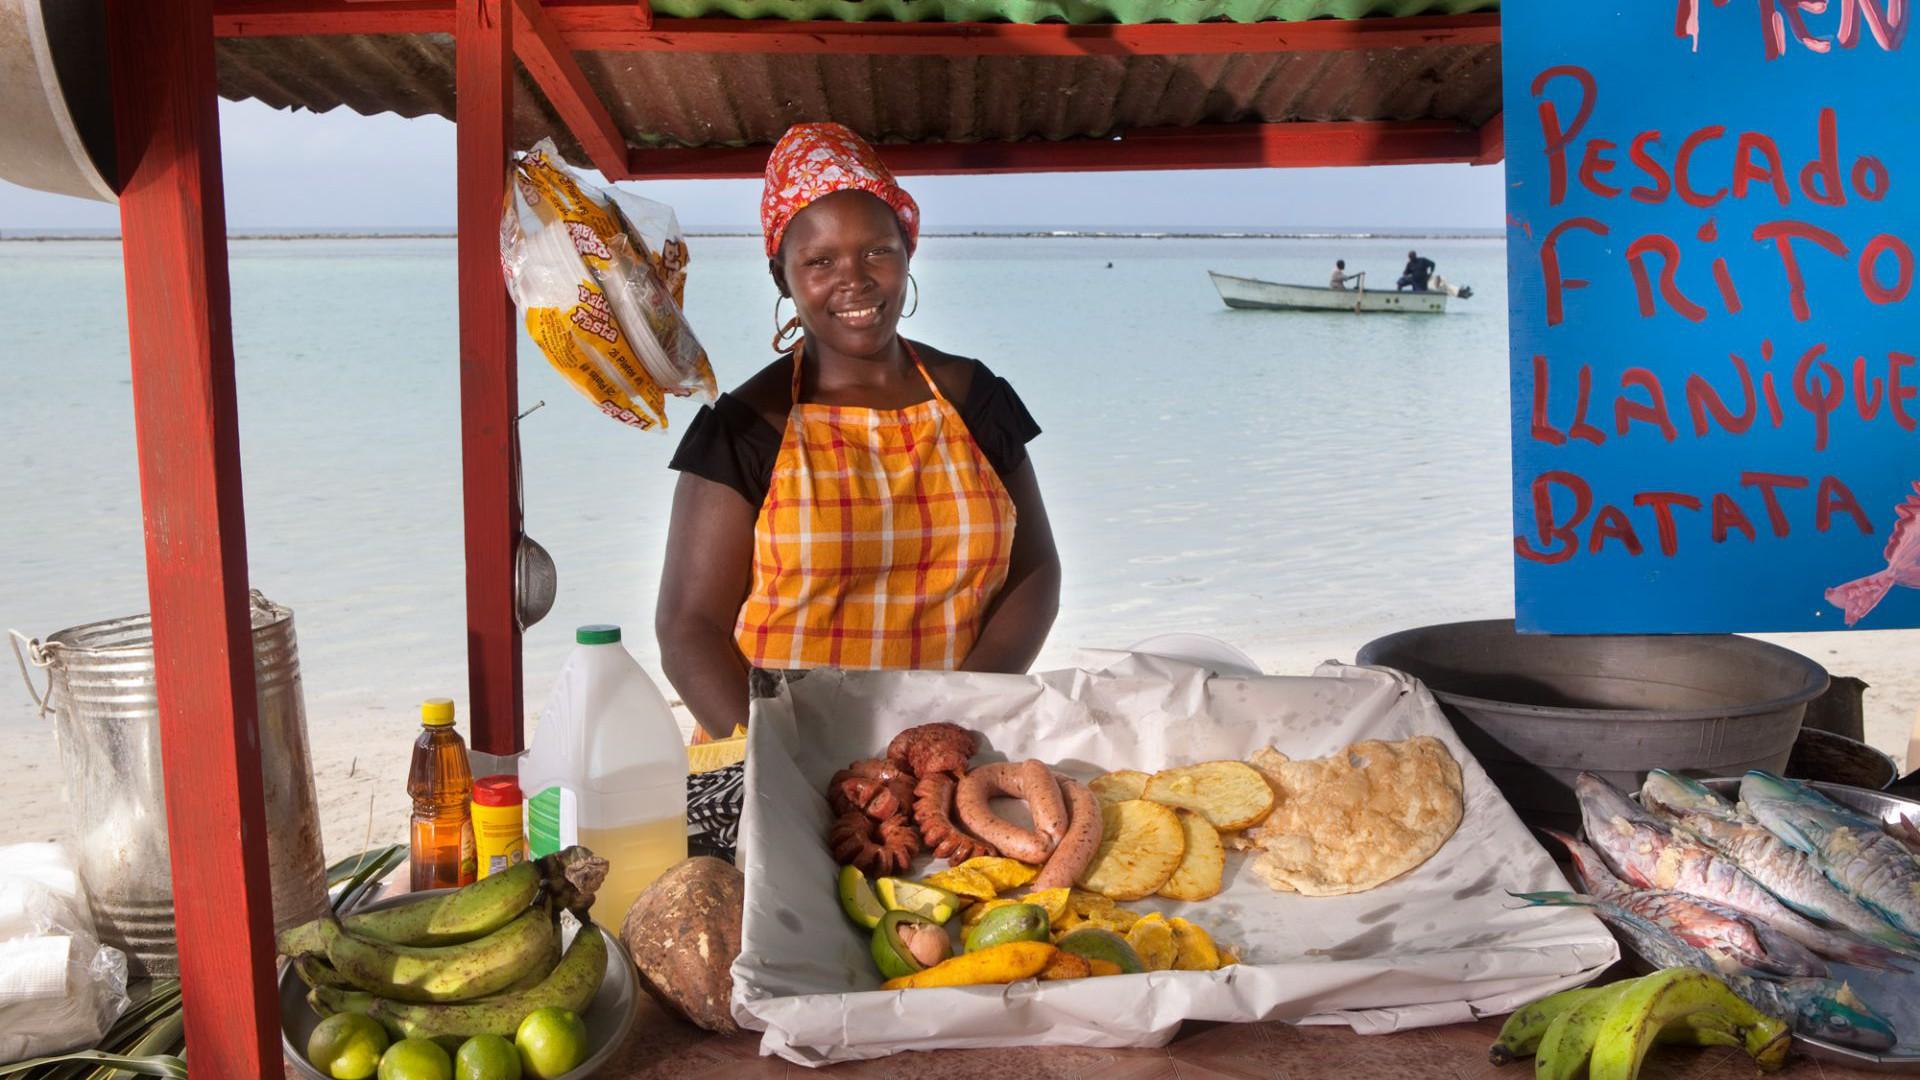 Puesto de comida en Boca Chica